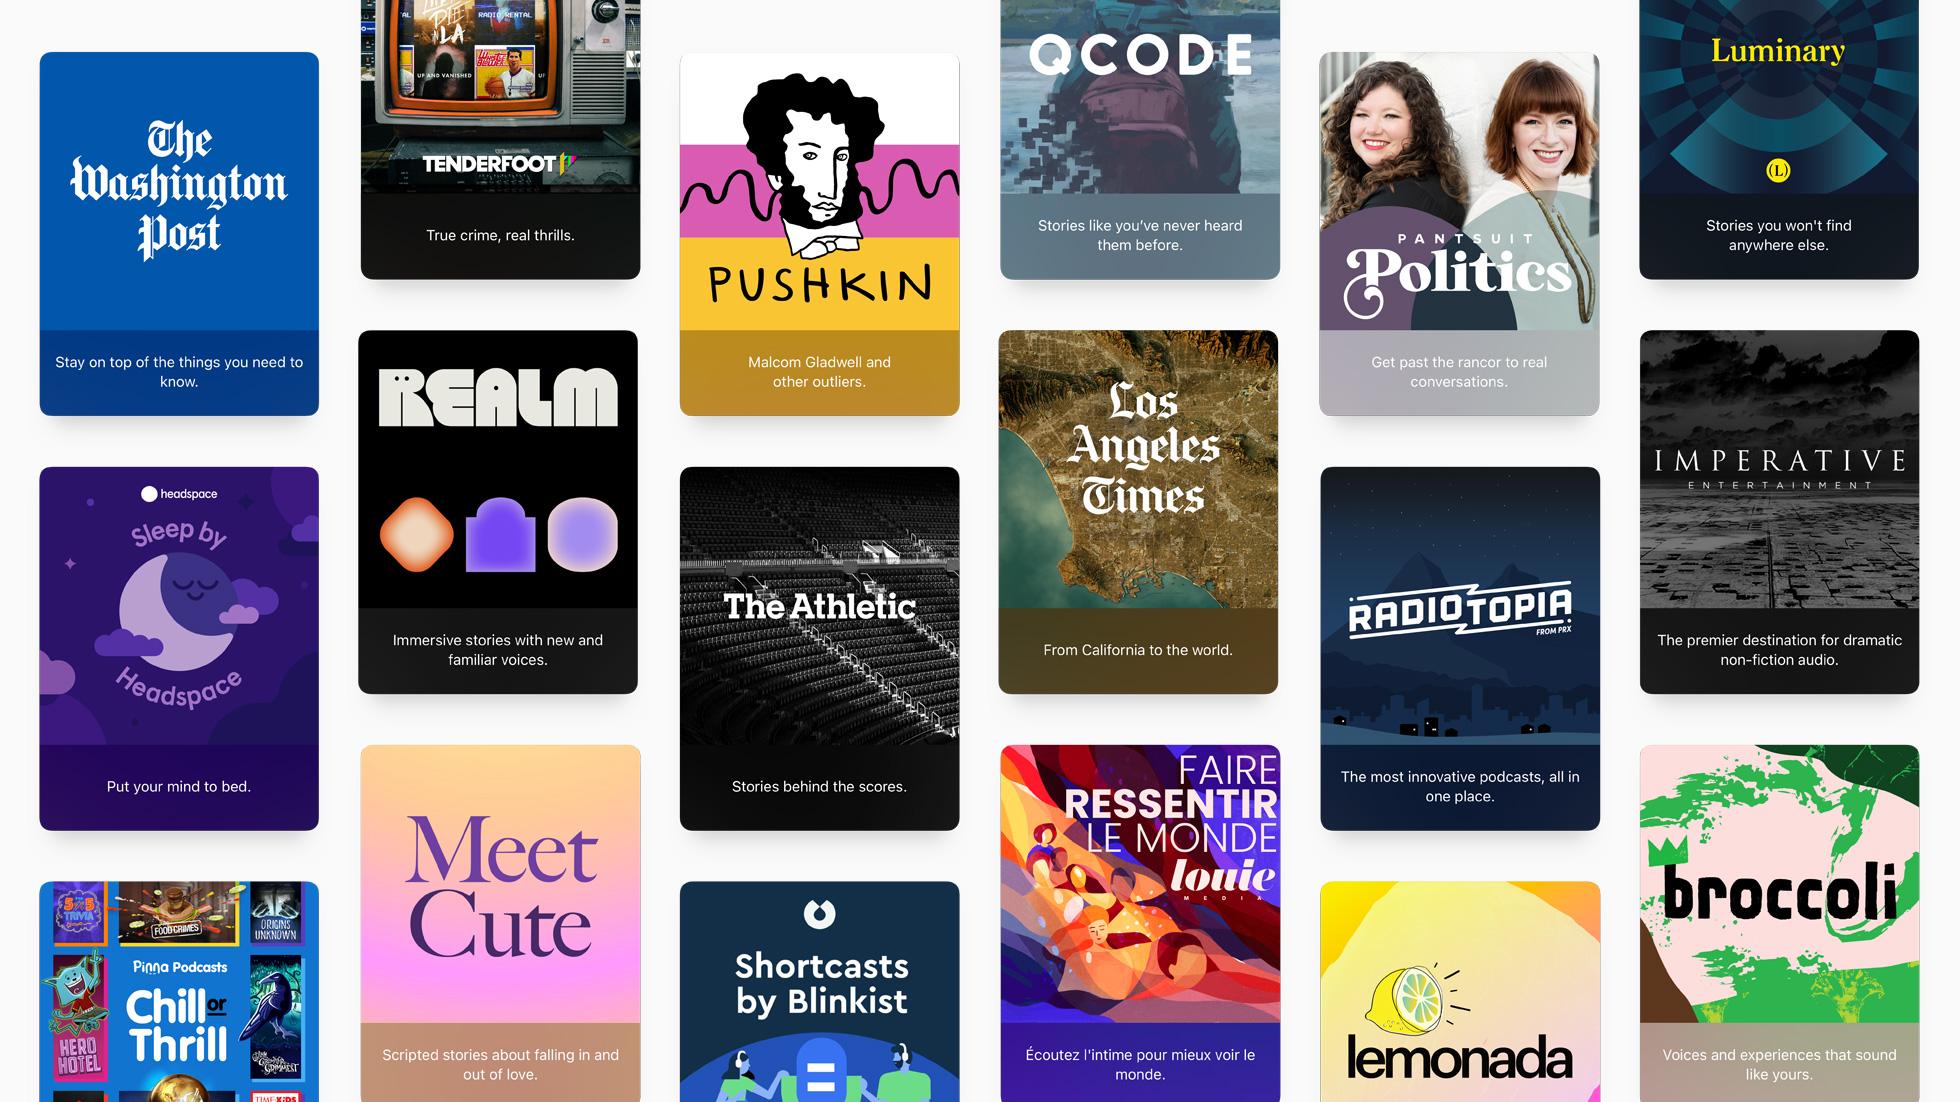 Apple ouvre un nouveau chapitre dans l'histoire des podcasts